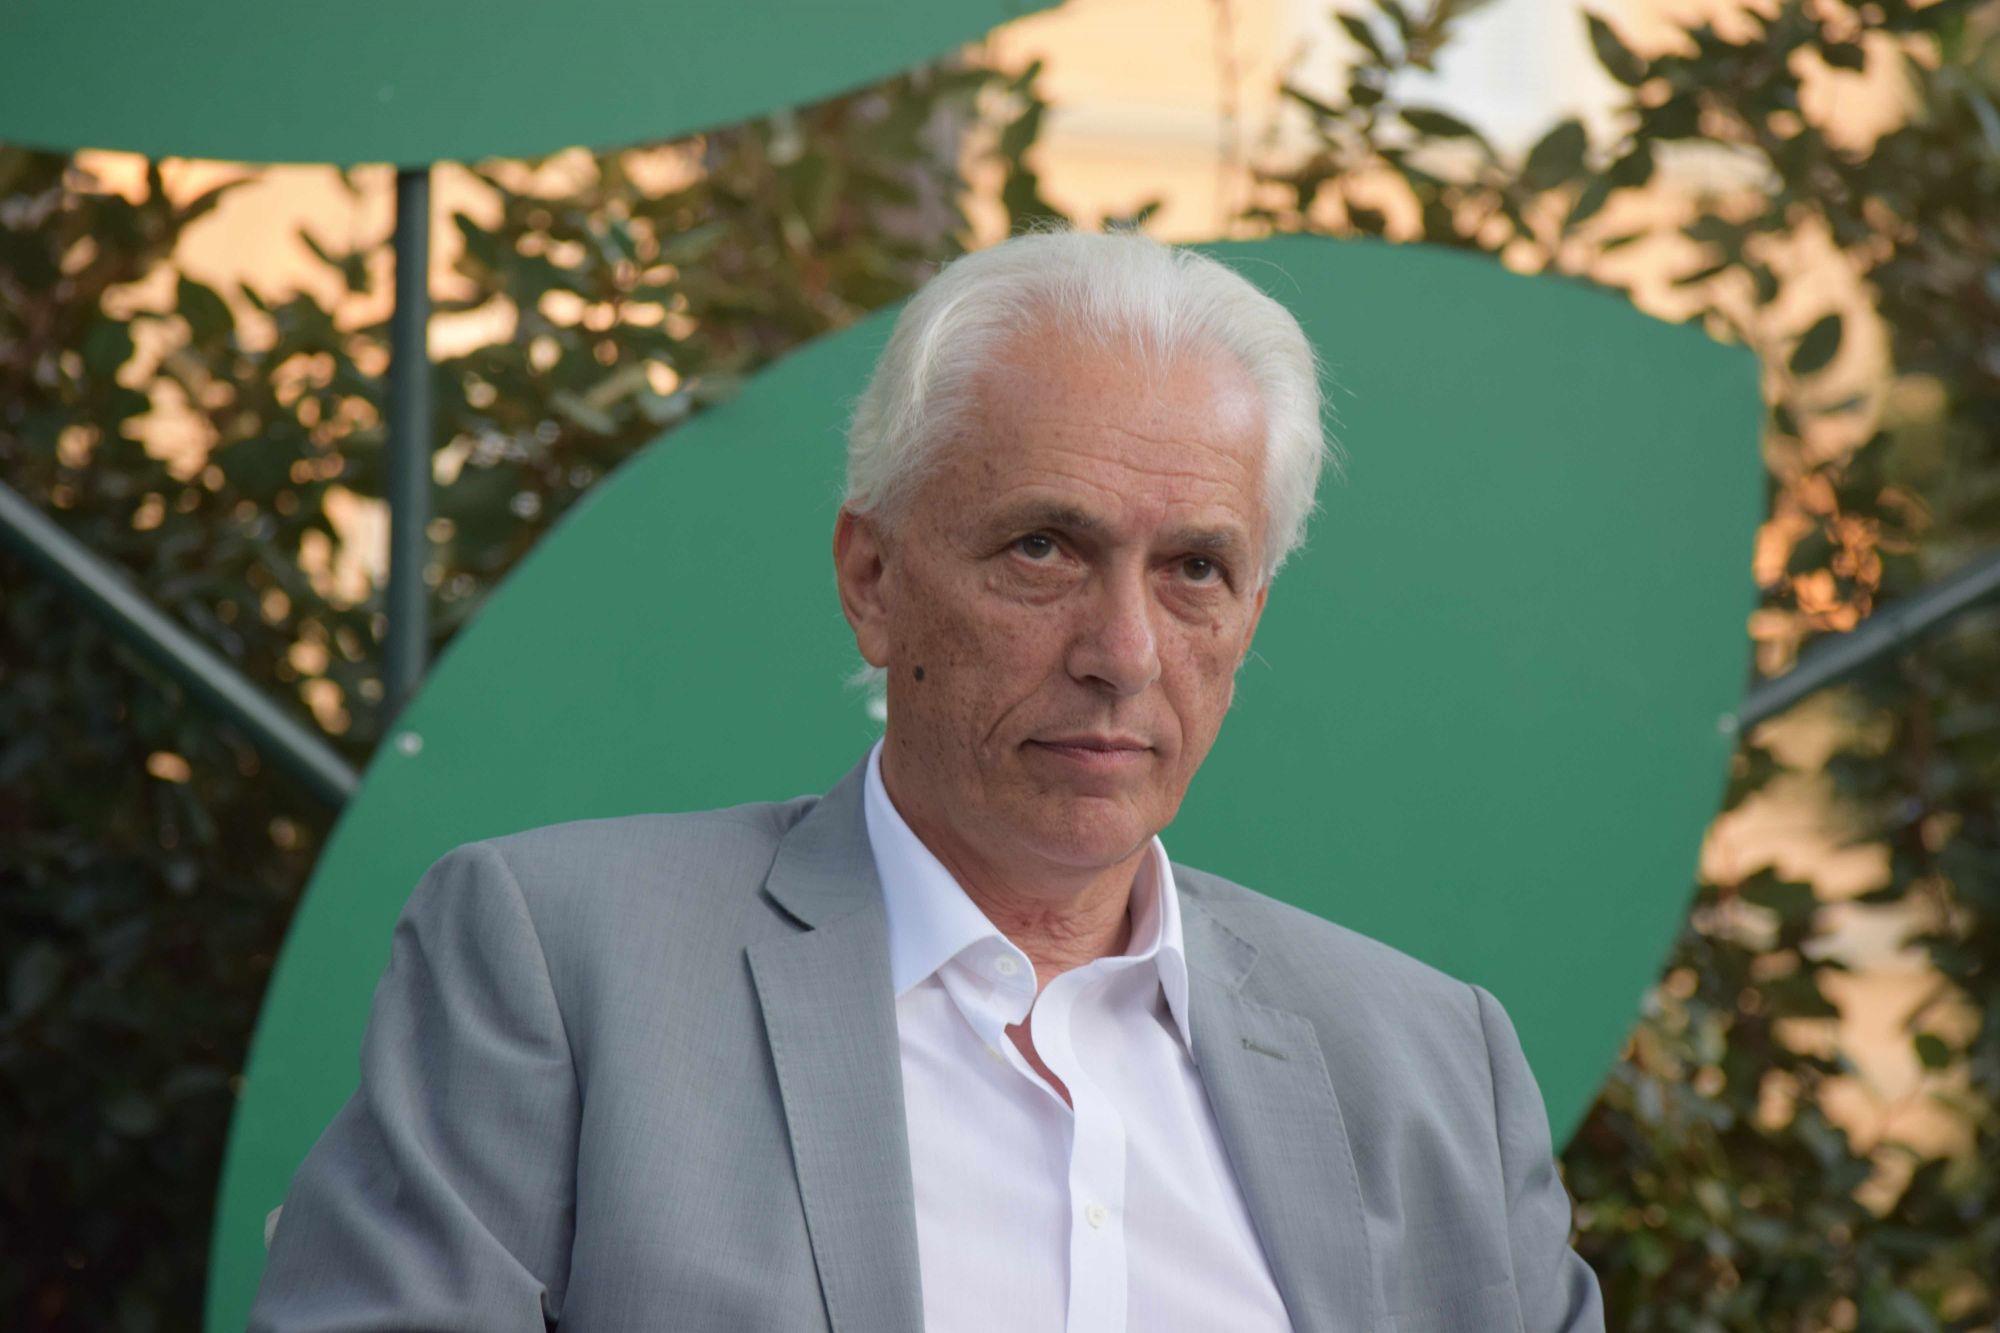 Disservizi postali: il sindaco Tarabella ha incontrato i dirigenti di Poste Italiane